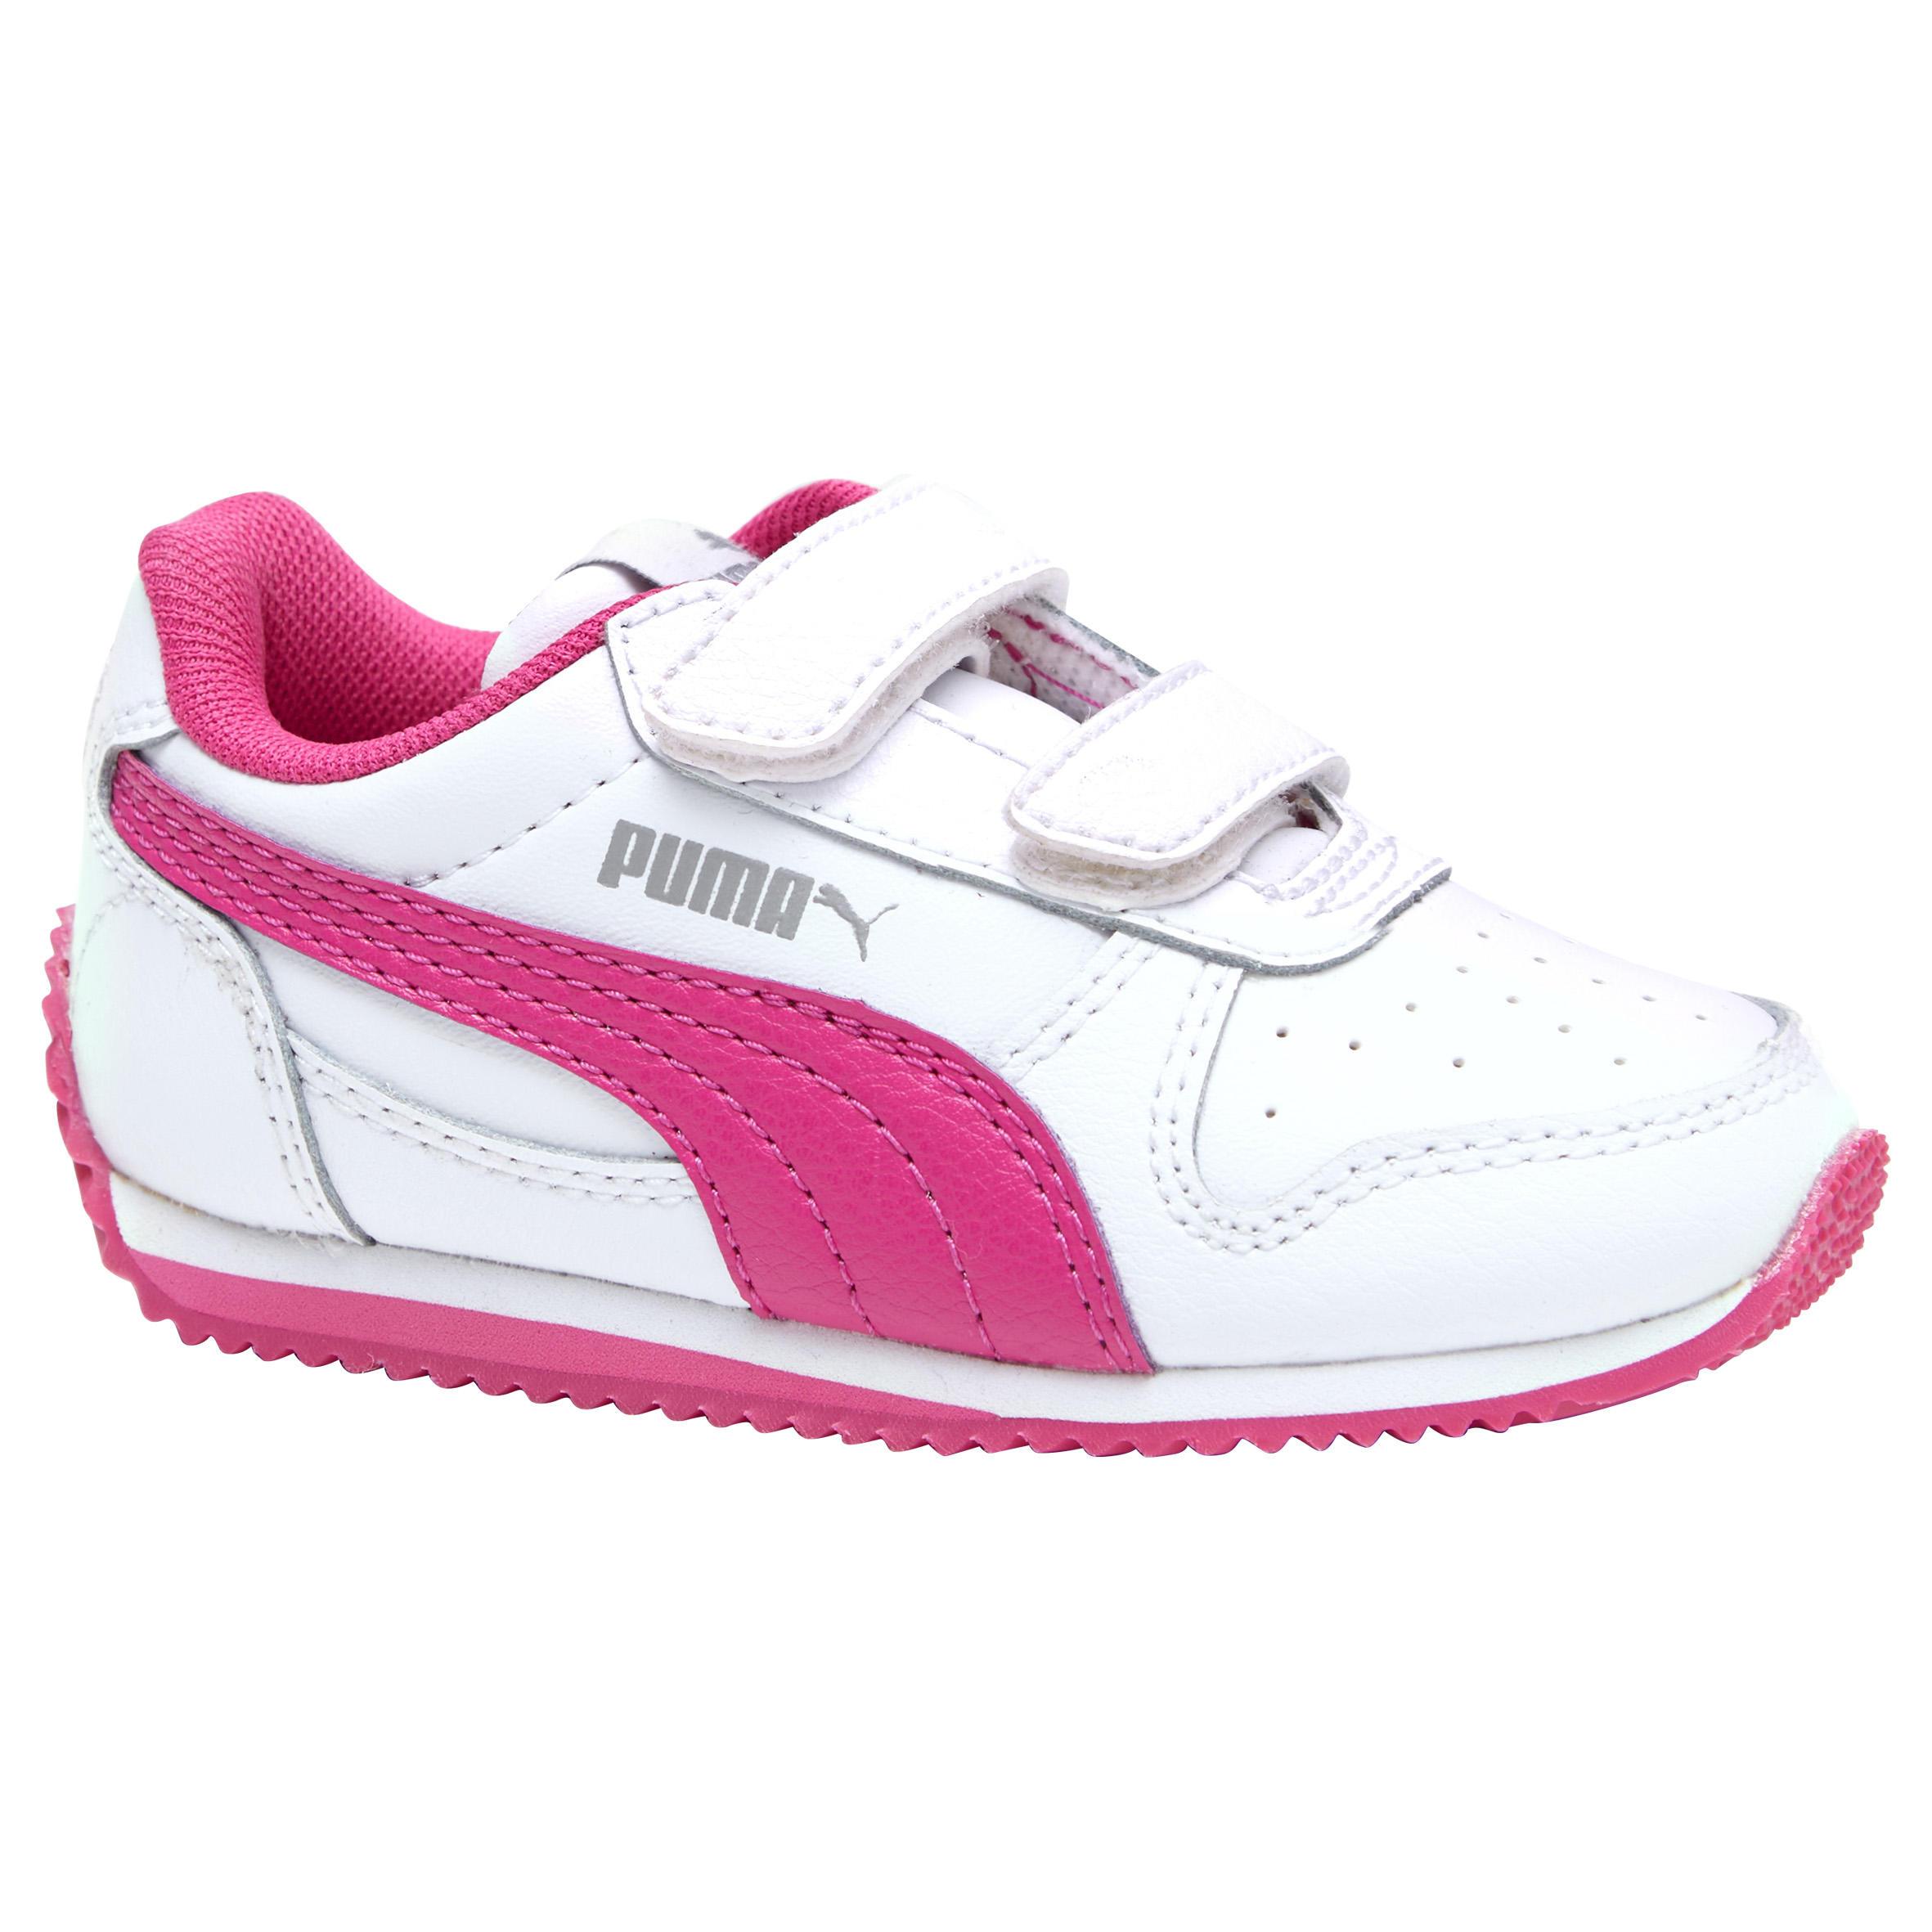 Puma Schoentjes kleutergym meisje roze